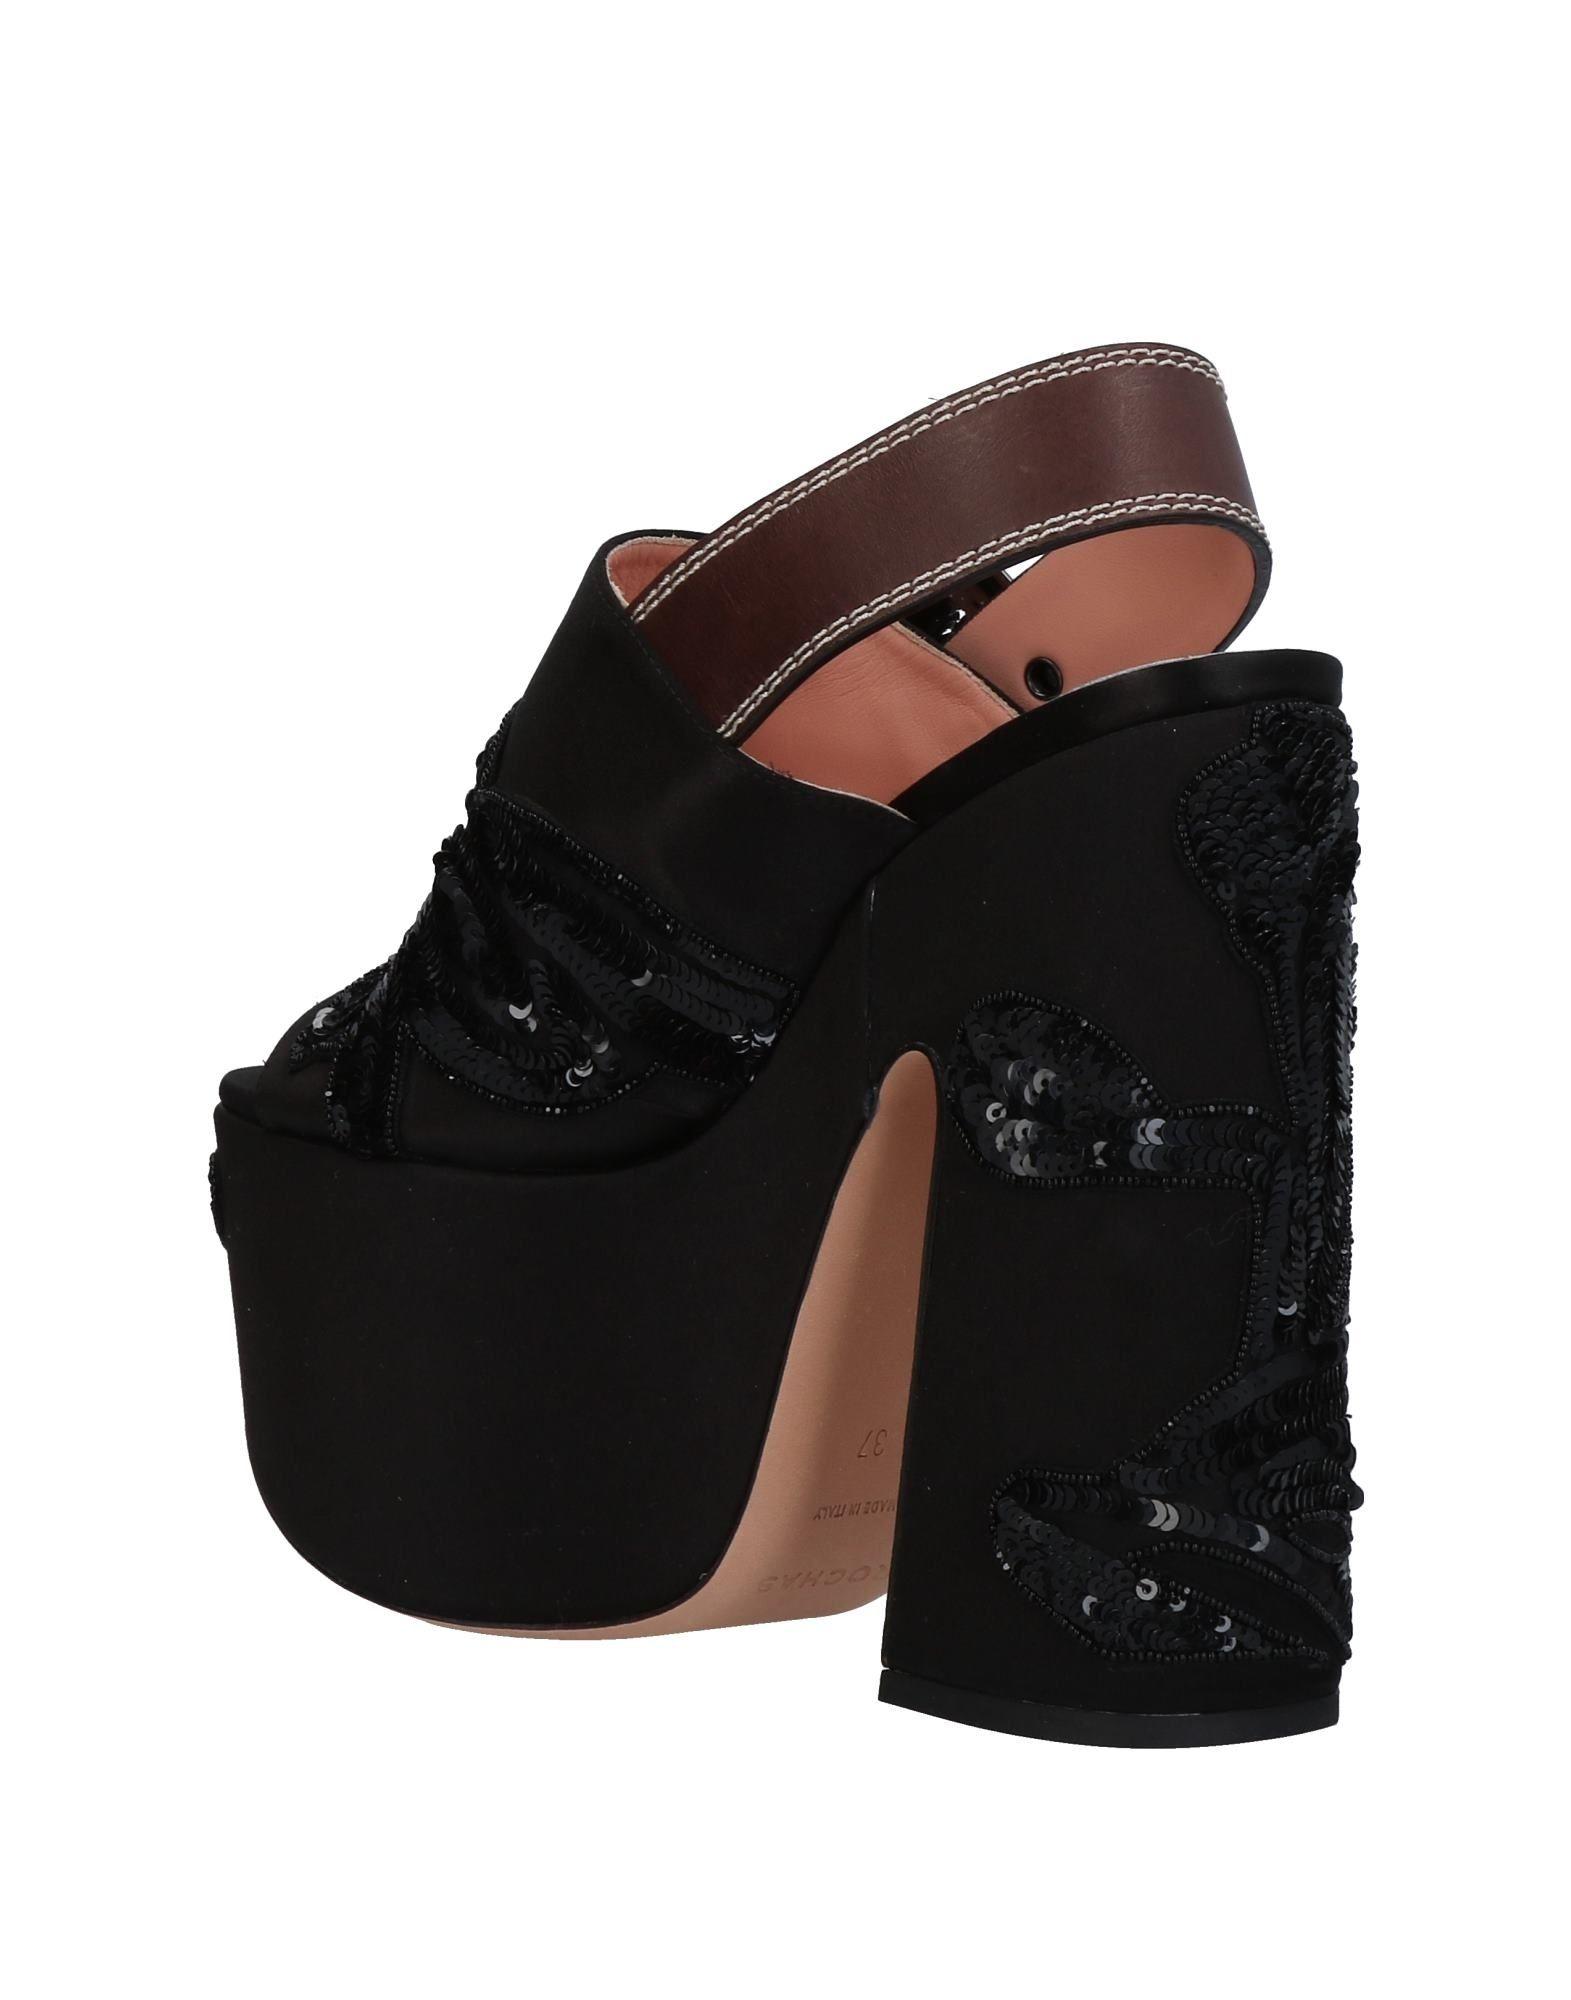 Rochas Sandalen Damen  11424609ORGut Schuhe aussehende strapazierfähige Schuhe 11424609ORGut db33c7